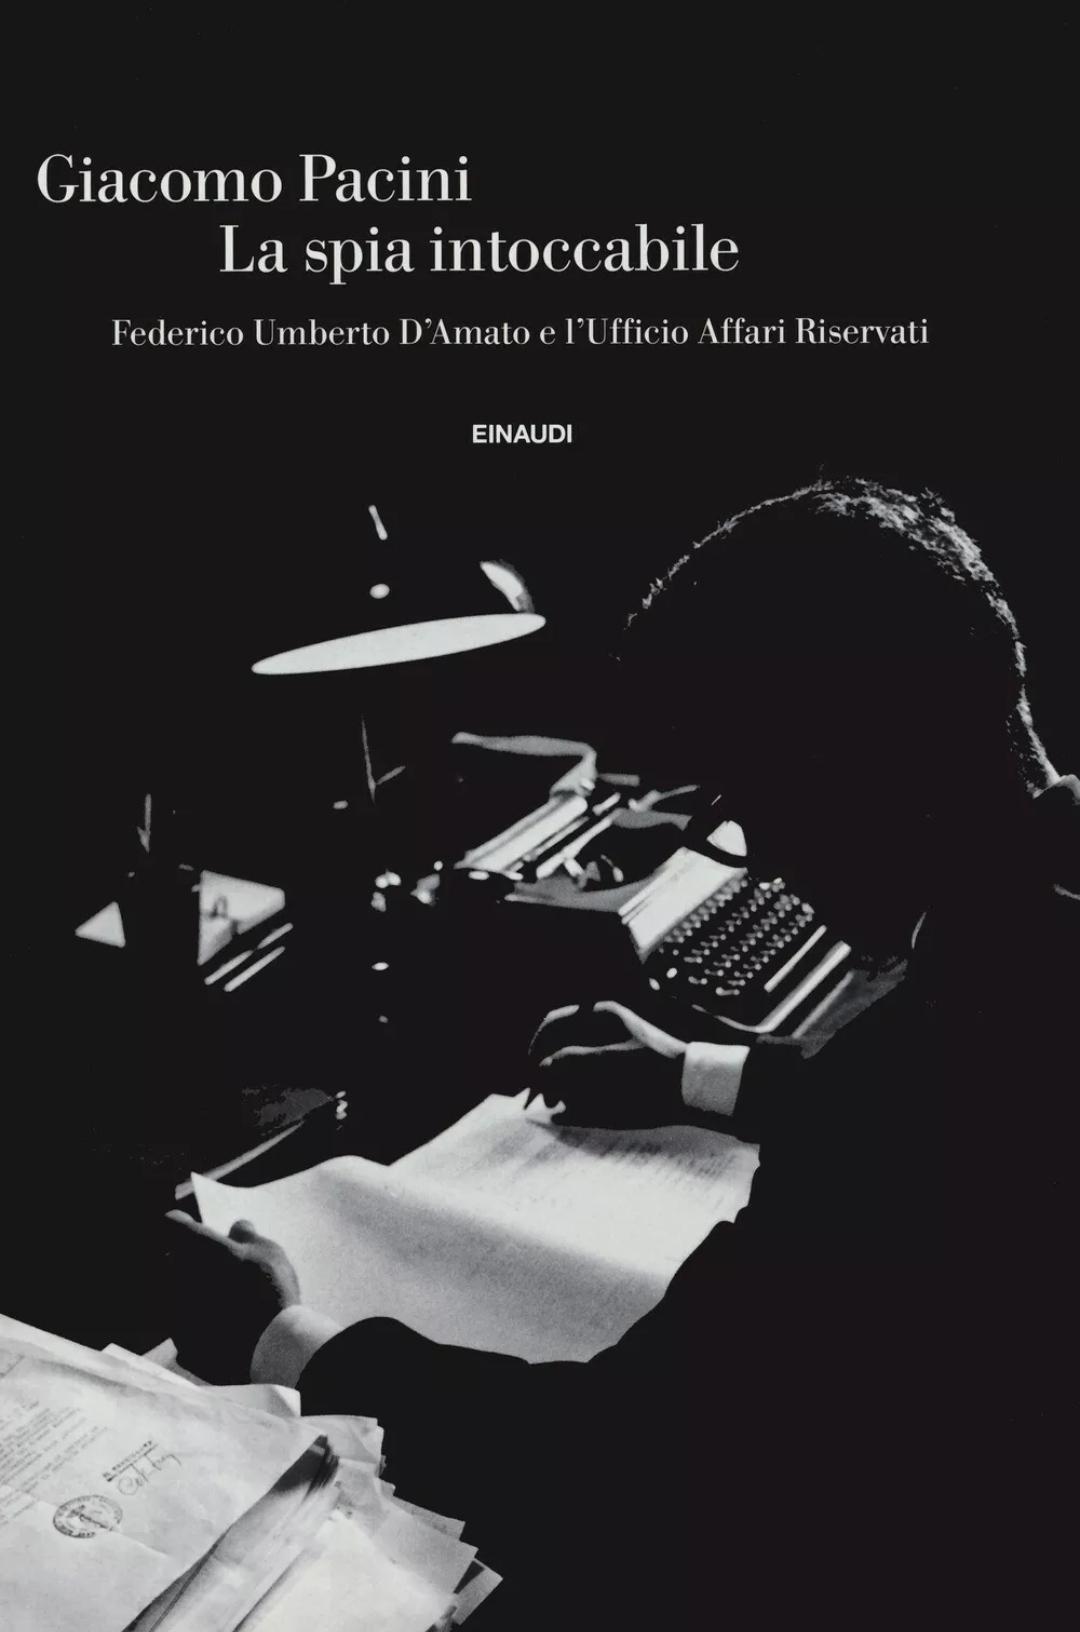 La spia intoccabile. Federico Umberto D'Amato e l'Ufficio… – Pacini Giacomo